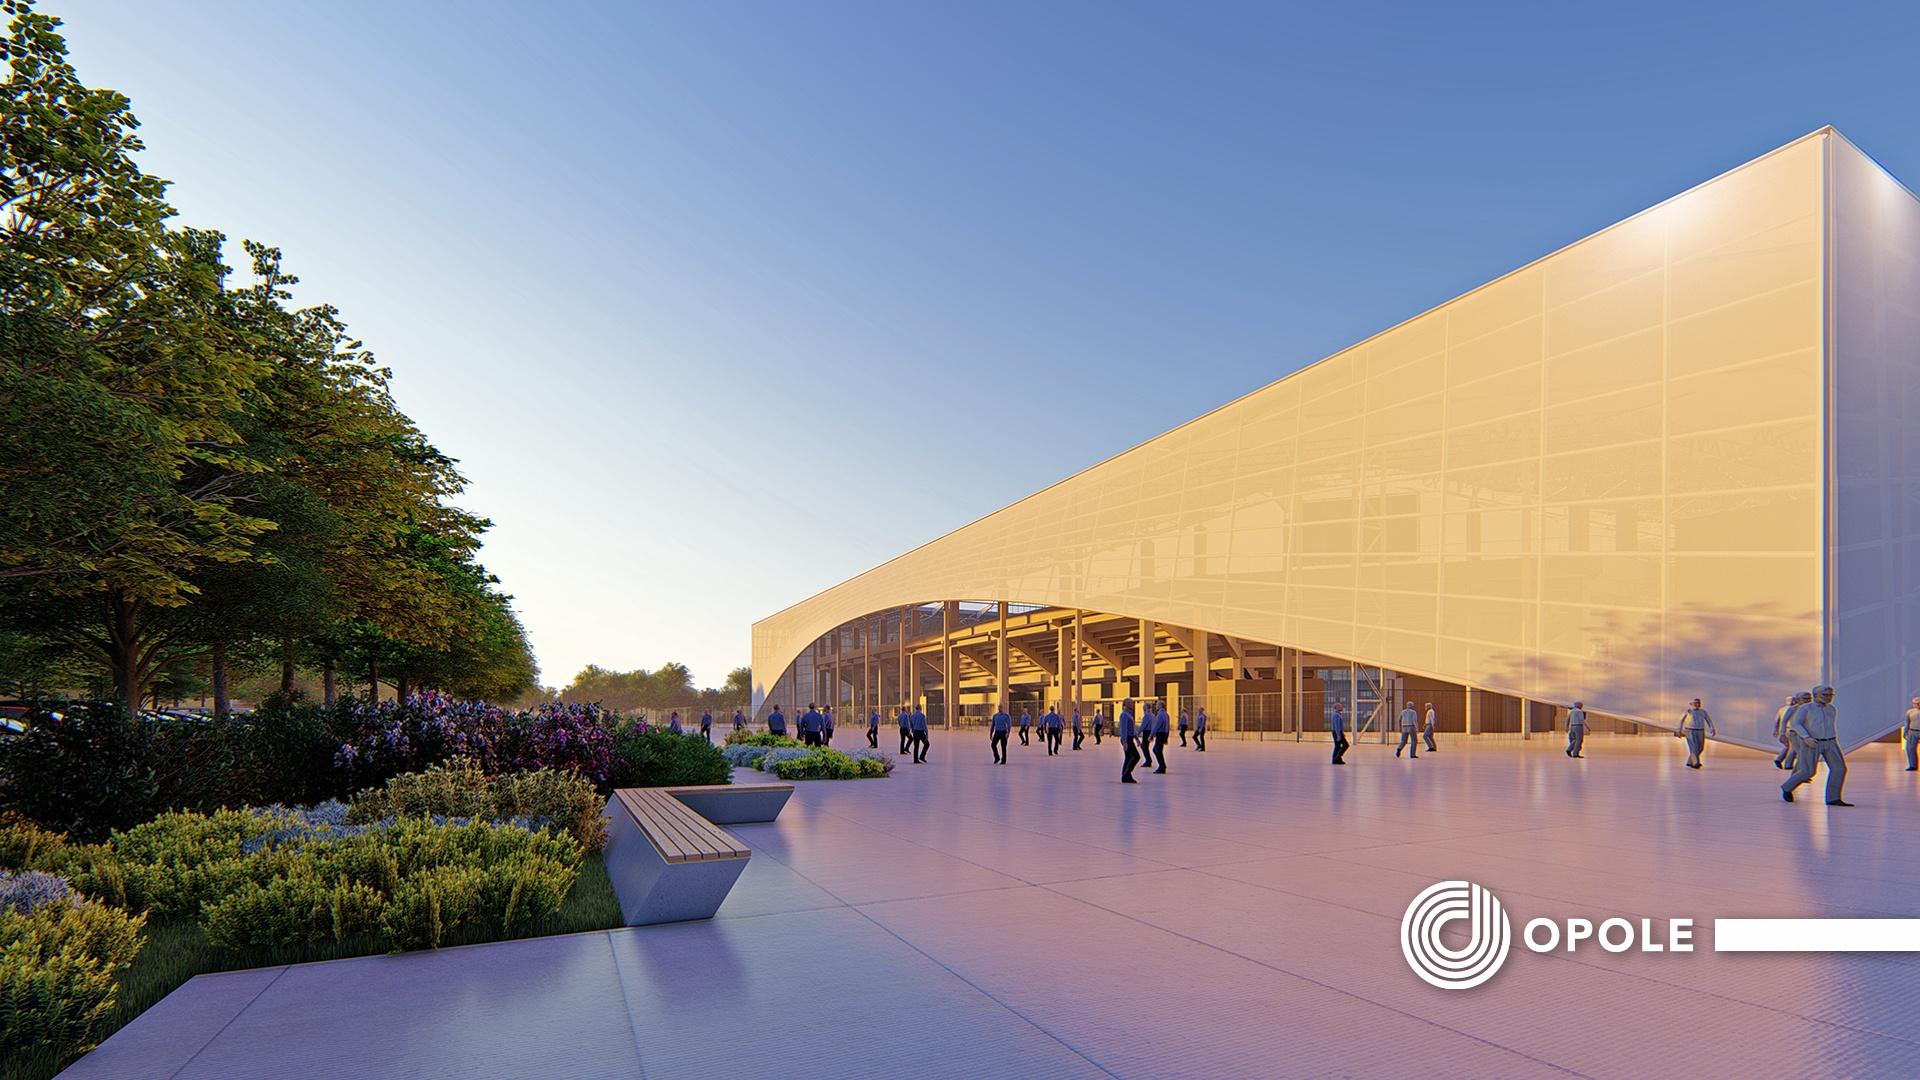 Nowy stadion miejski w Opolu